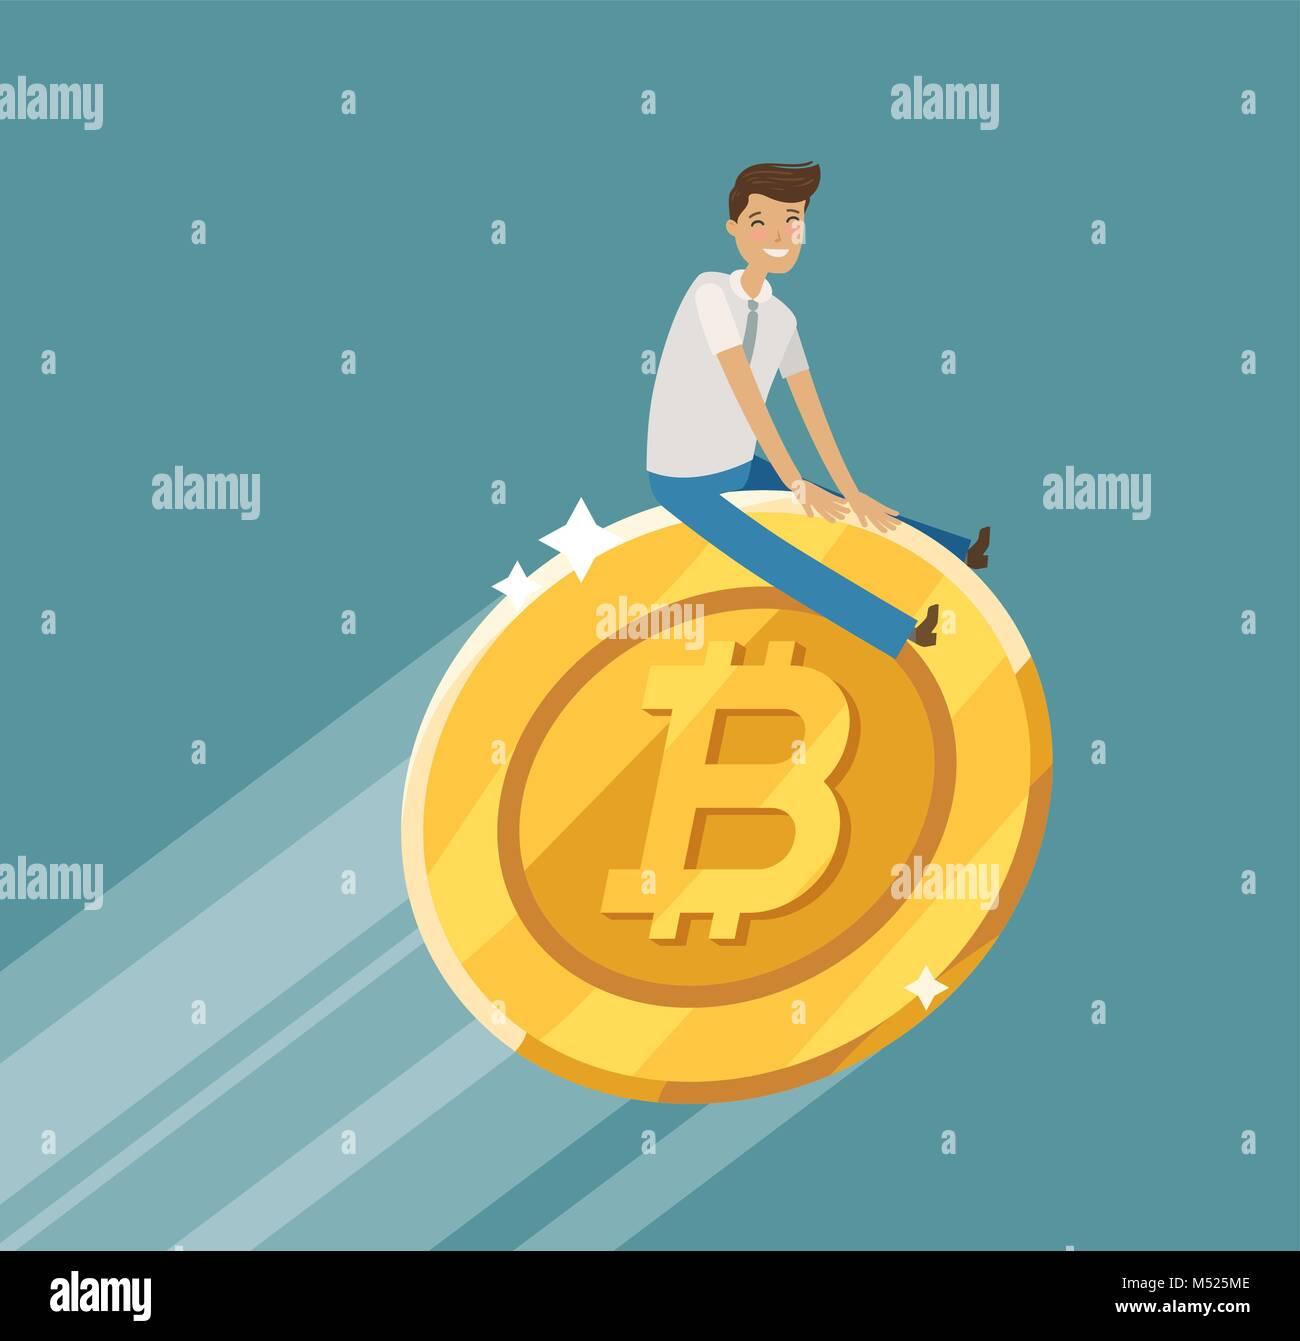 Il concetto di business. Bitcoin crypto blockchain valuta. Fumetto illustrazione vettoriale Immagini Stock